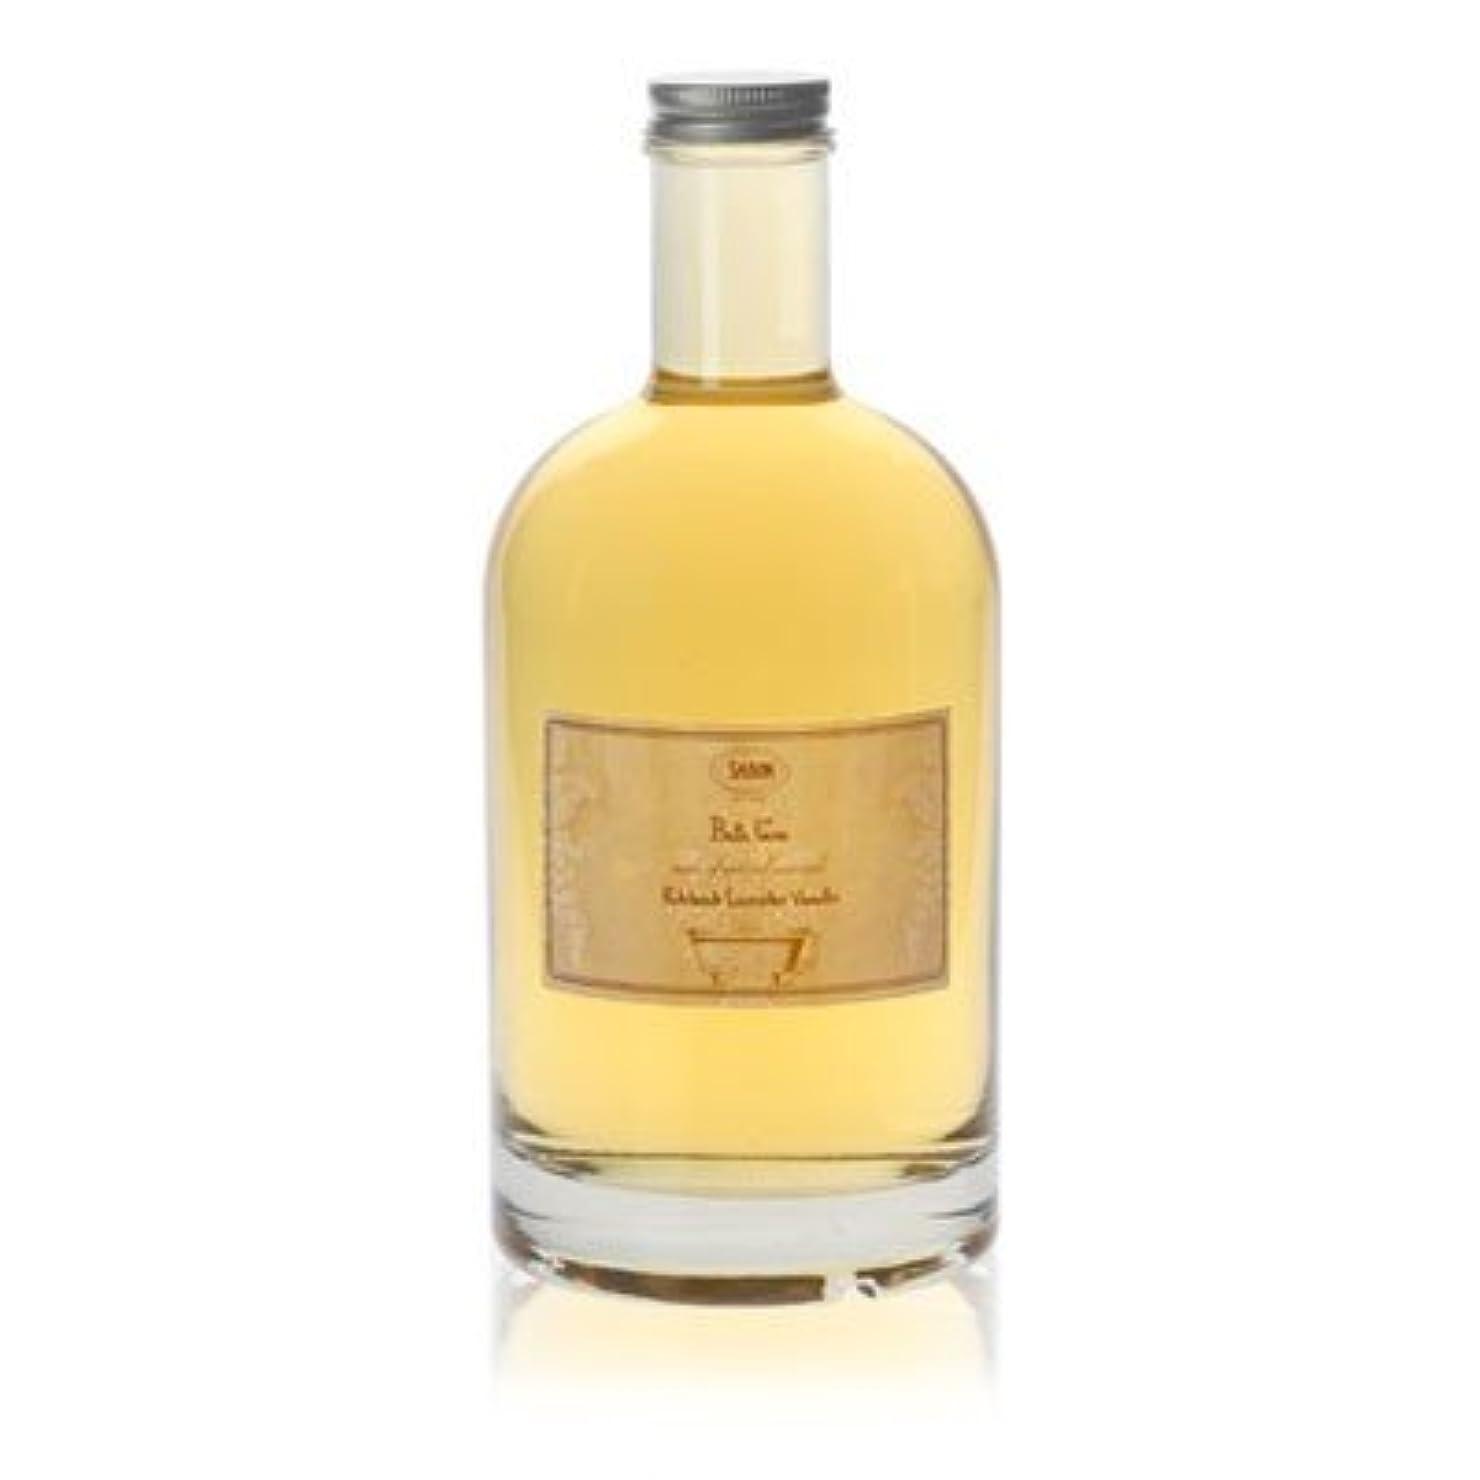 番目休日人形【SABON(サボン)】Bath Foam Patchouli Lavender Vanilla バス フォーム パチョリ ラベンダー バニラ